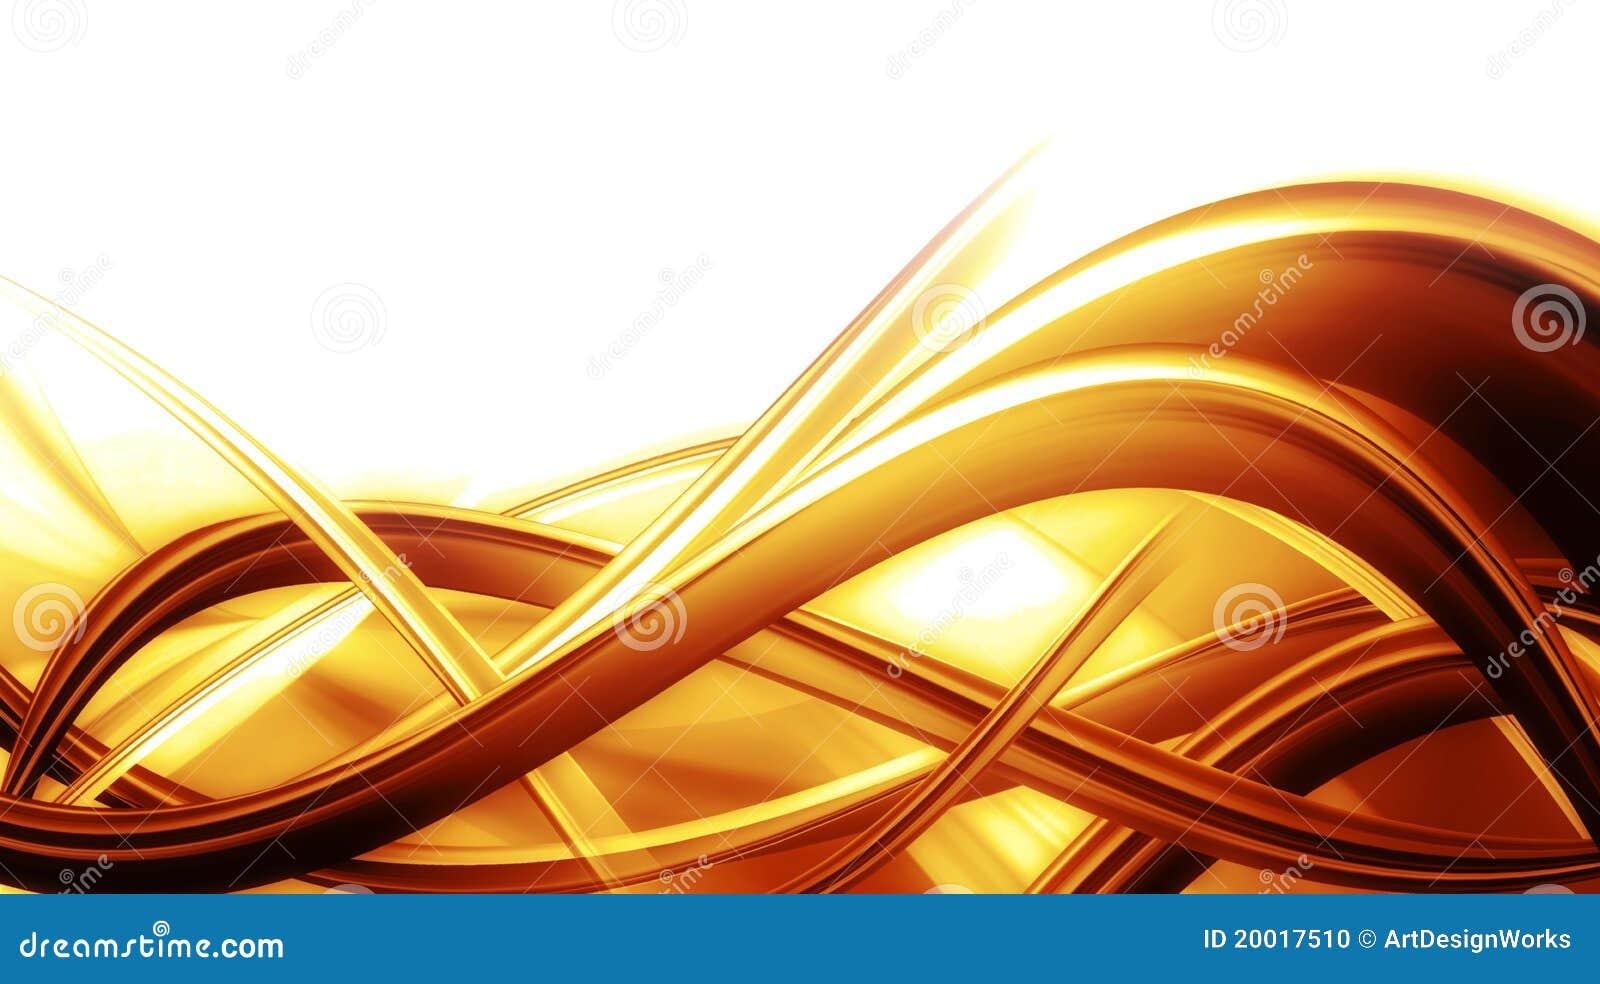 Composición abstracta del fondo con color anaranjado